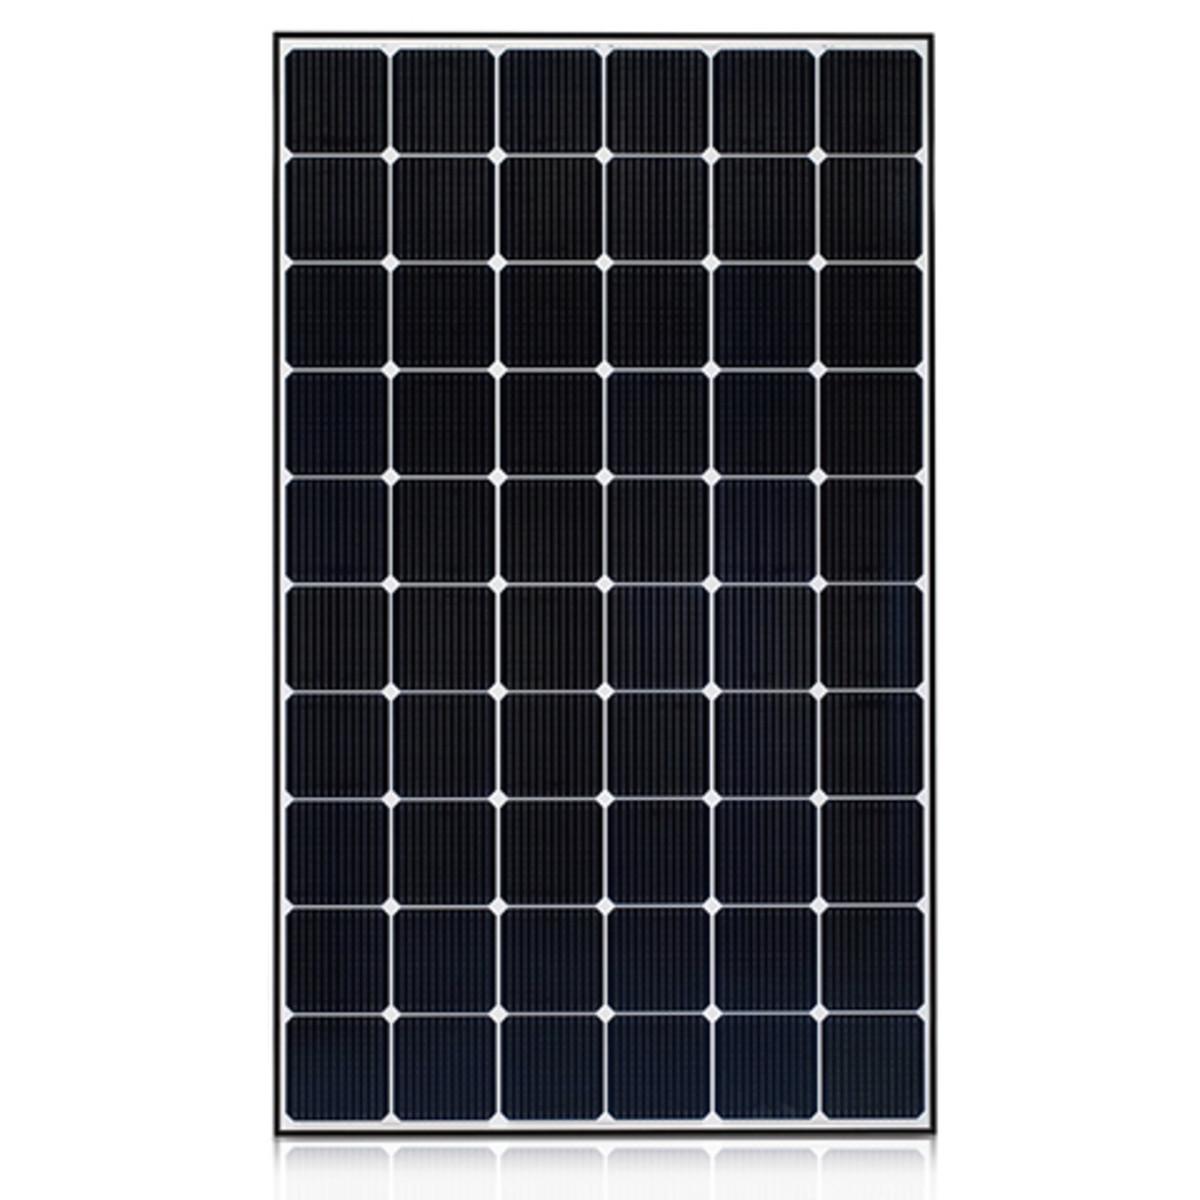 LG NeON2 LG340N1C-V5 340w Mono Solar Panel